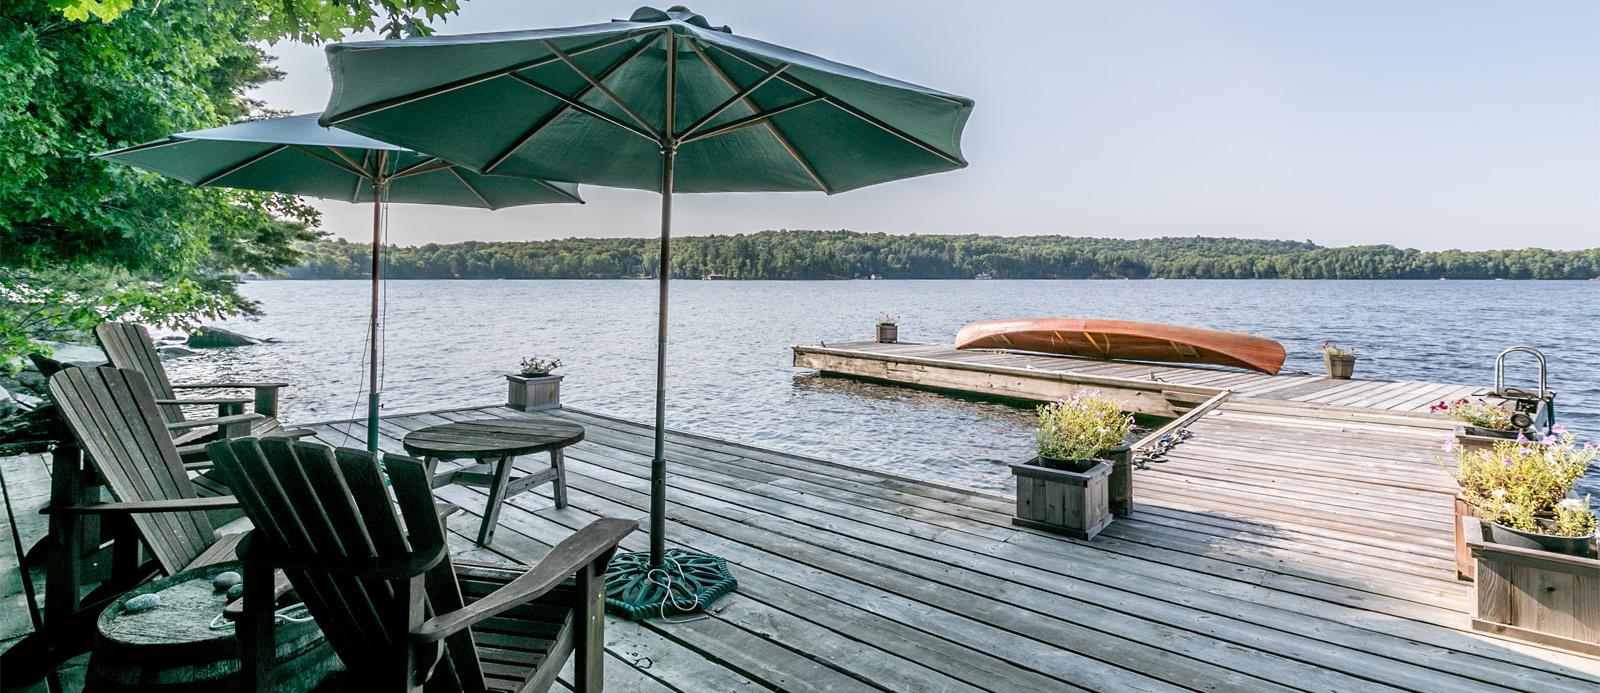 Harvey Kalles Real Estate, Aben Team, Waterfront Cottage, Cottage For Sale, Lake of Bays Cottage For Sale, 1033 Hemlock Ridge